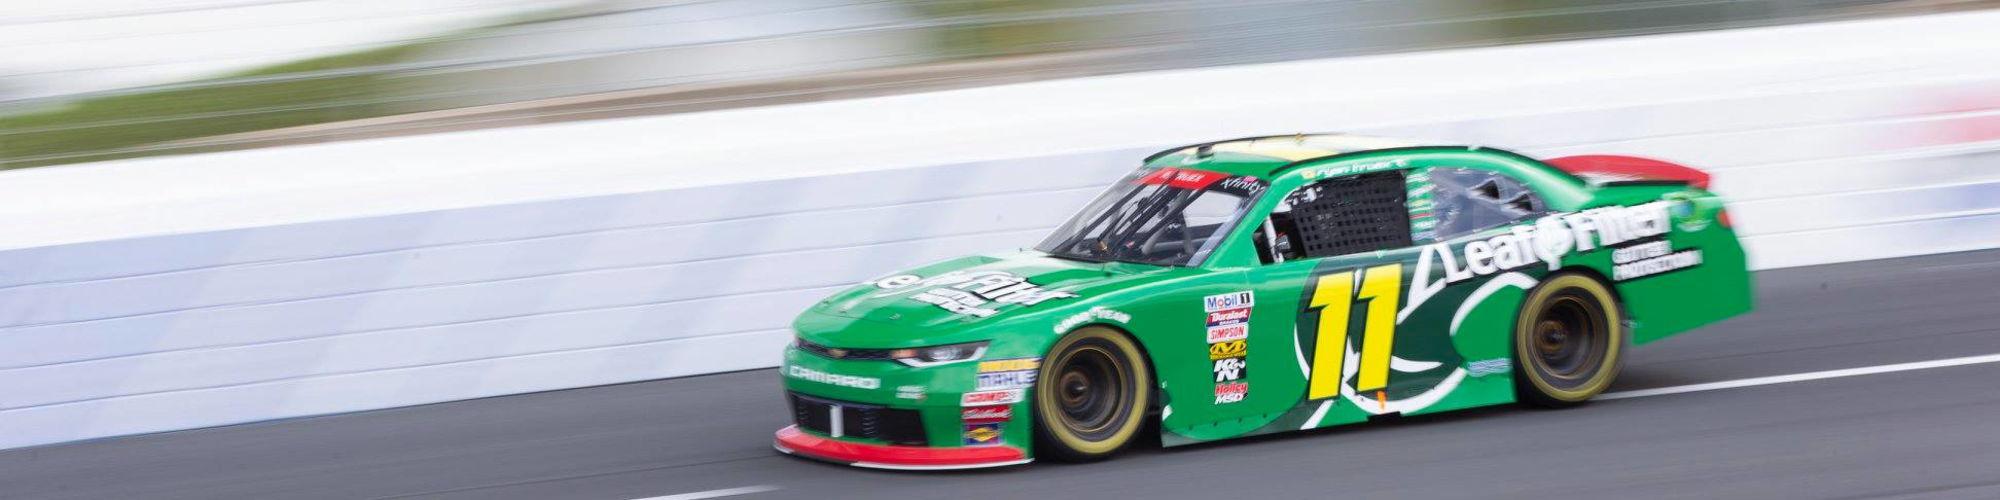 Kaulig Racing, Inc.